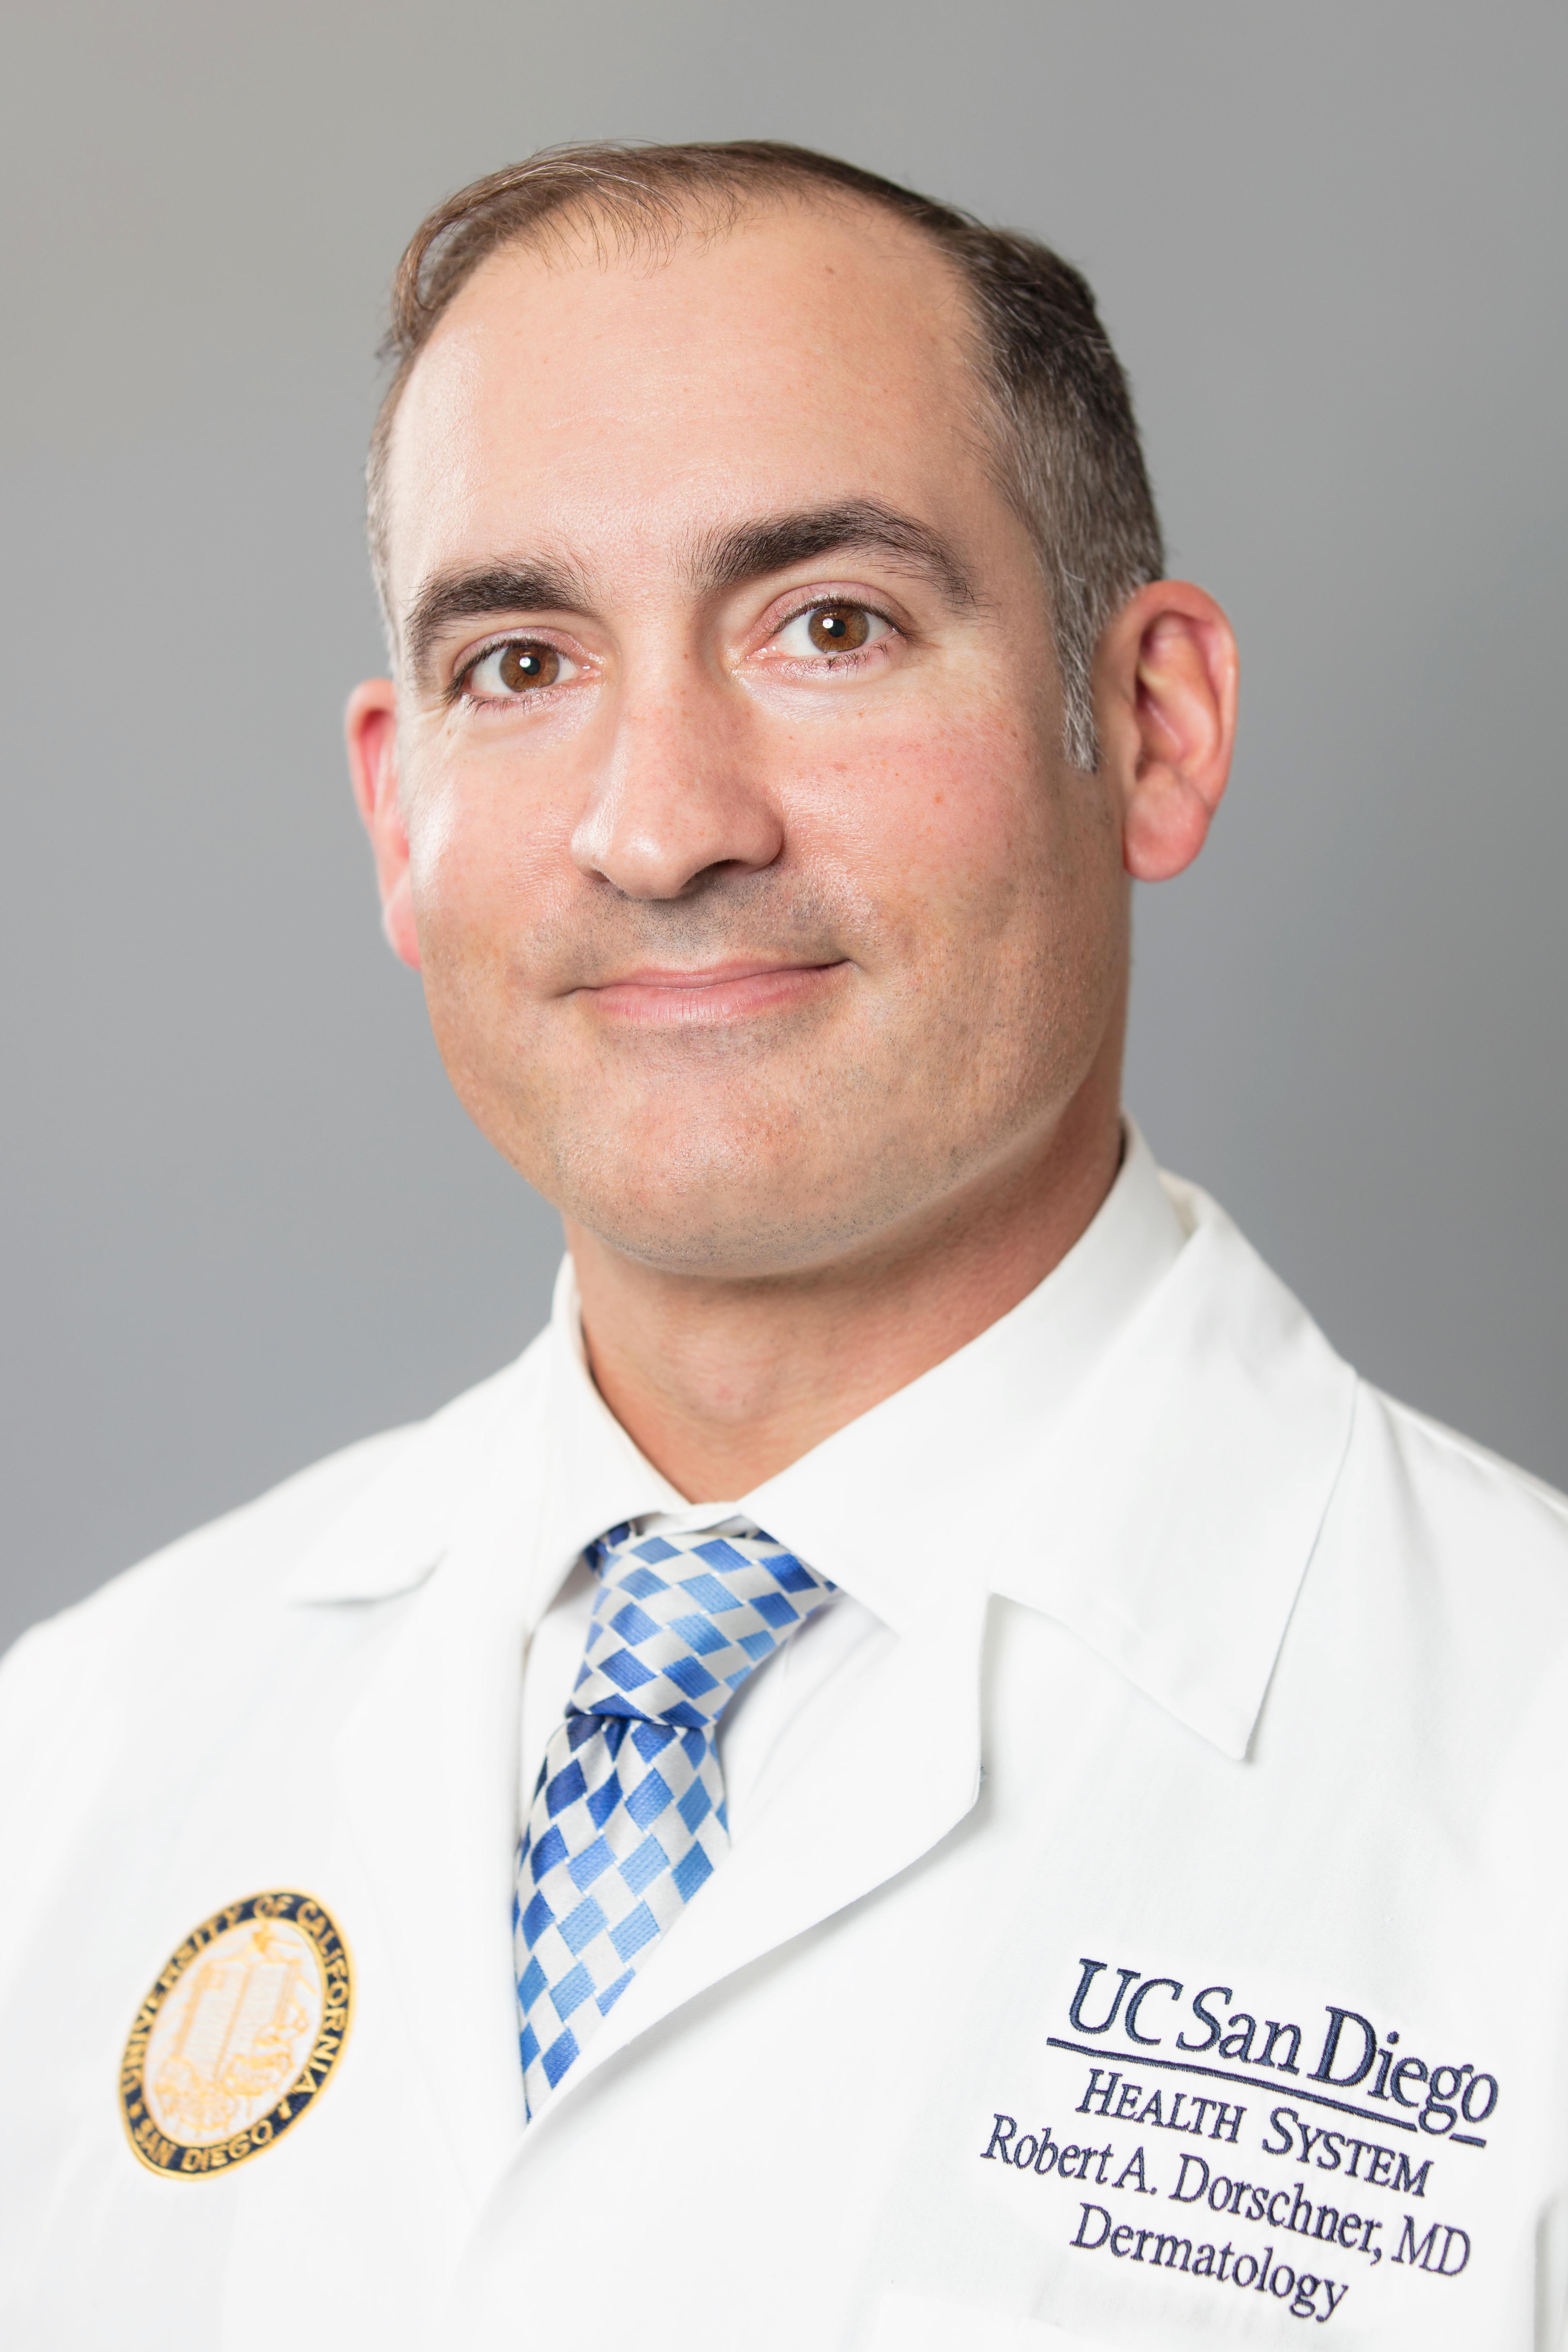 Robert A. Dorschner, MD